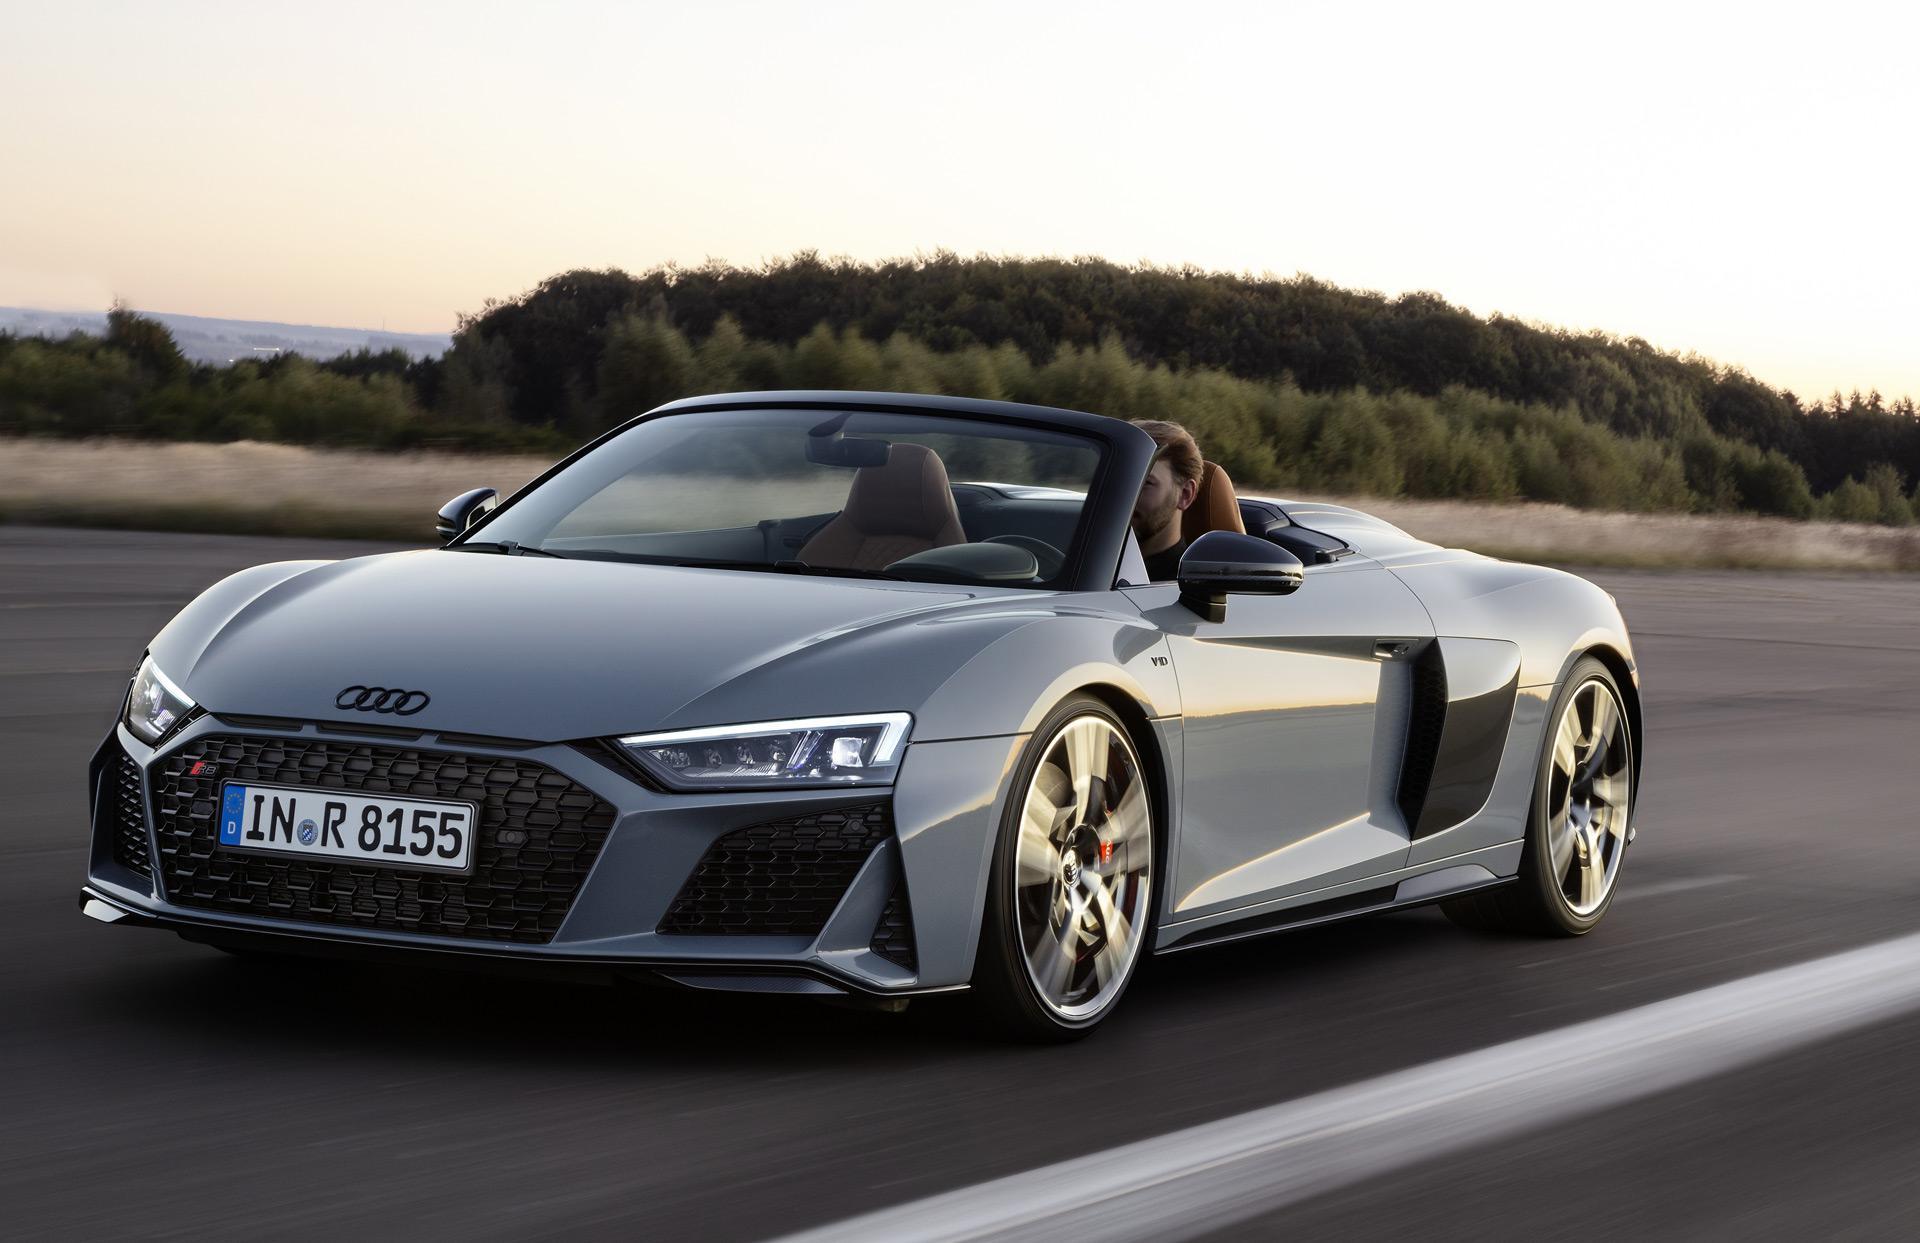 Kelebihan Kekurangan Audi Rb Perbandingan Harga